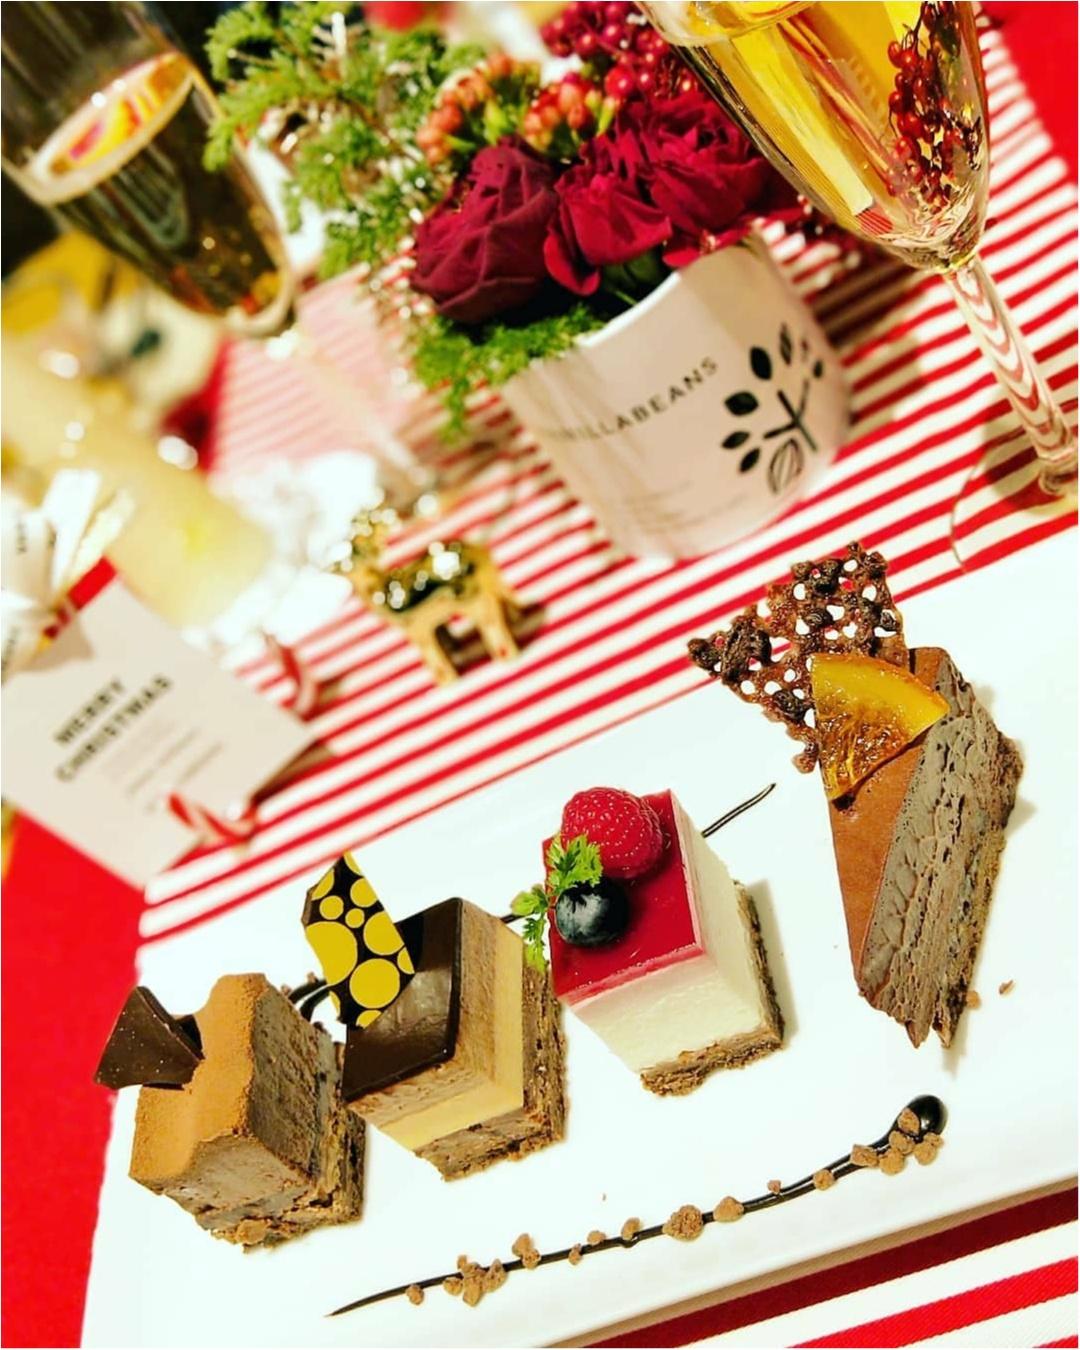 横浜チョコレート専門店「バニラビーンズ」のクリスマスケーキ試食会レポ♡_8